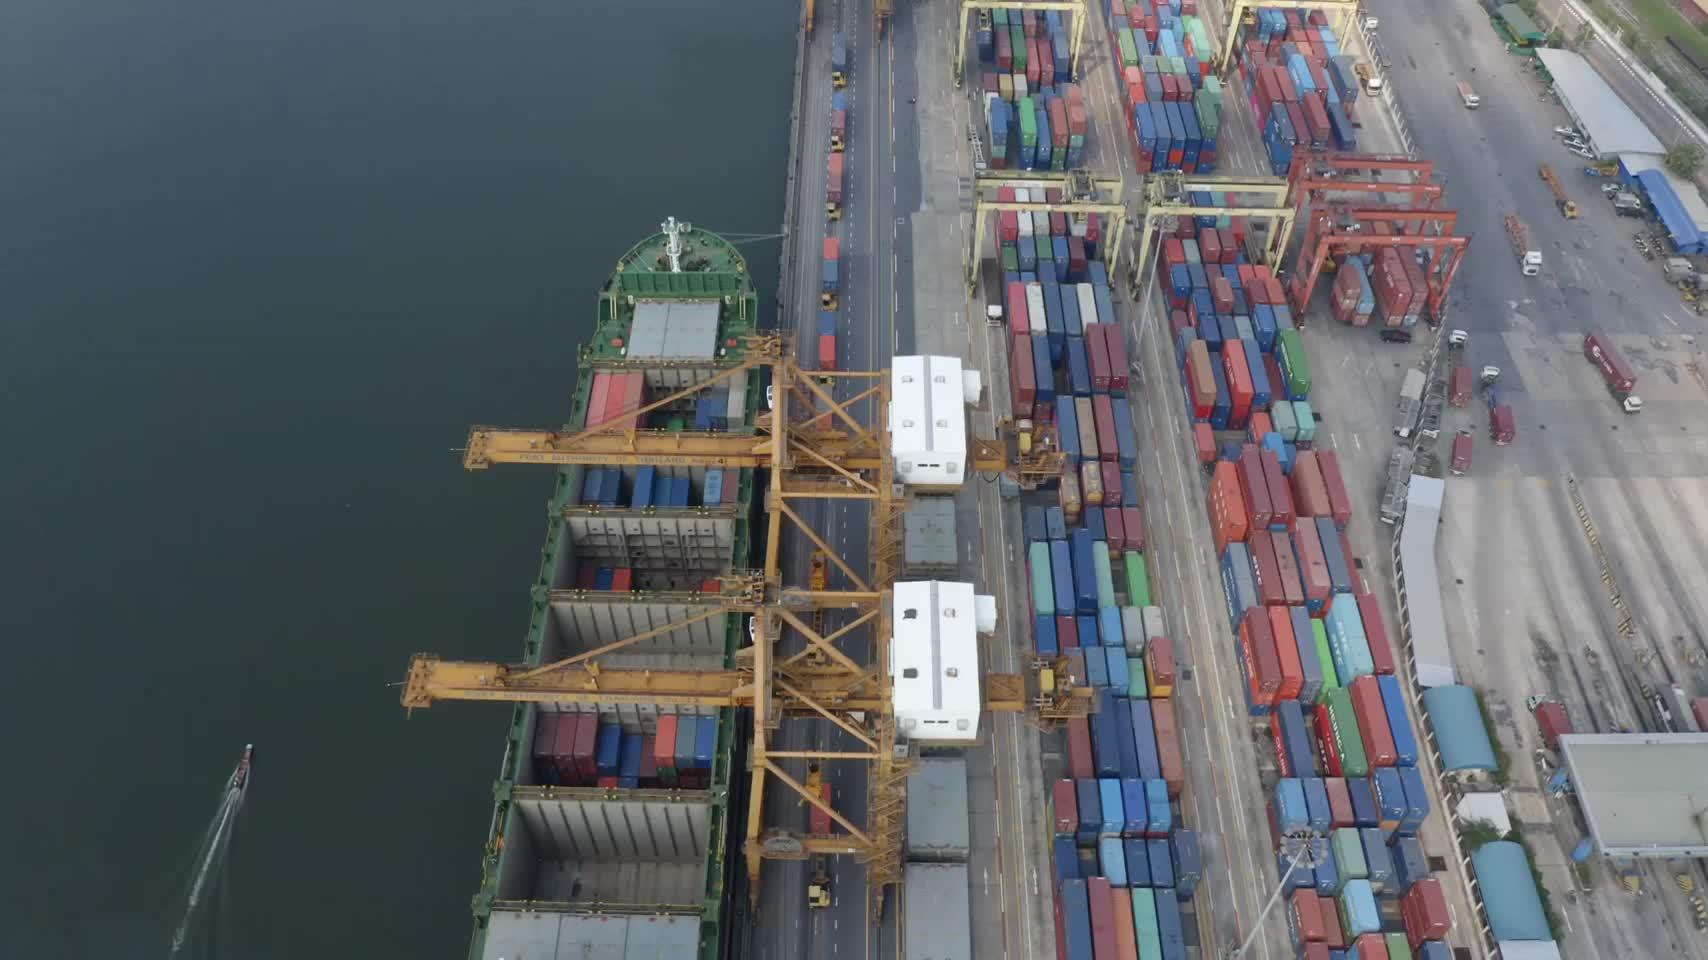 싼 국제 transportation 율 sea cargo freight 전달자 배송 cost from 광주 에 덴마크 스웨덴 제다 오만